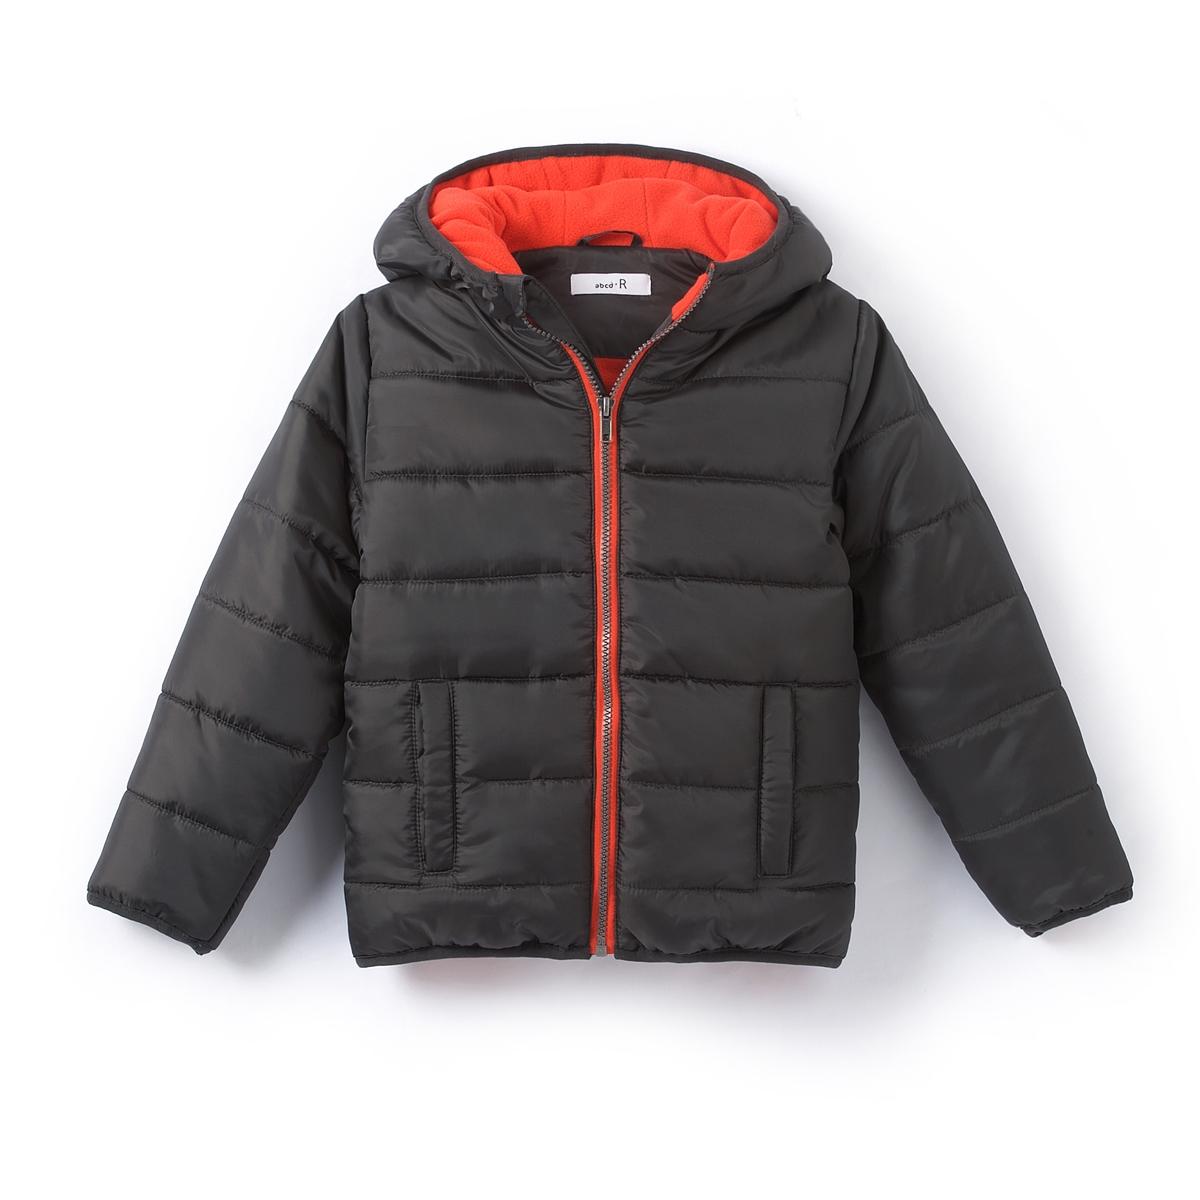 Куртка с капюшоном на флисовой подкладке, 3-12 летОписание:Детали •  Демисезонная модель •  Непромокаемое •  Застежка на молнию •  С капюшоном •  Длина : укороченнаяСостав и уход •  100% полиэстер •  Температура стирки 30°  •  Не гладить / не отбеливать  •  Барабанная сушка на деликатном режиме • Сухая чистка запрещена<br><br>Цвет: антрацит,красный темный<br>Размер: 3 года - 94 см.12 лет -150 см.10 лет - 138 см.8 лет - 126 см.12 лет -150 см.4 года - 102 см